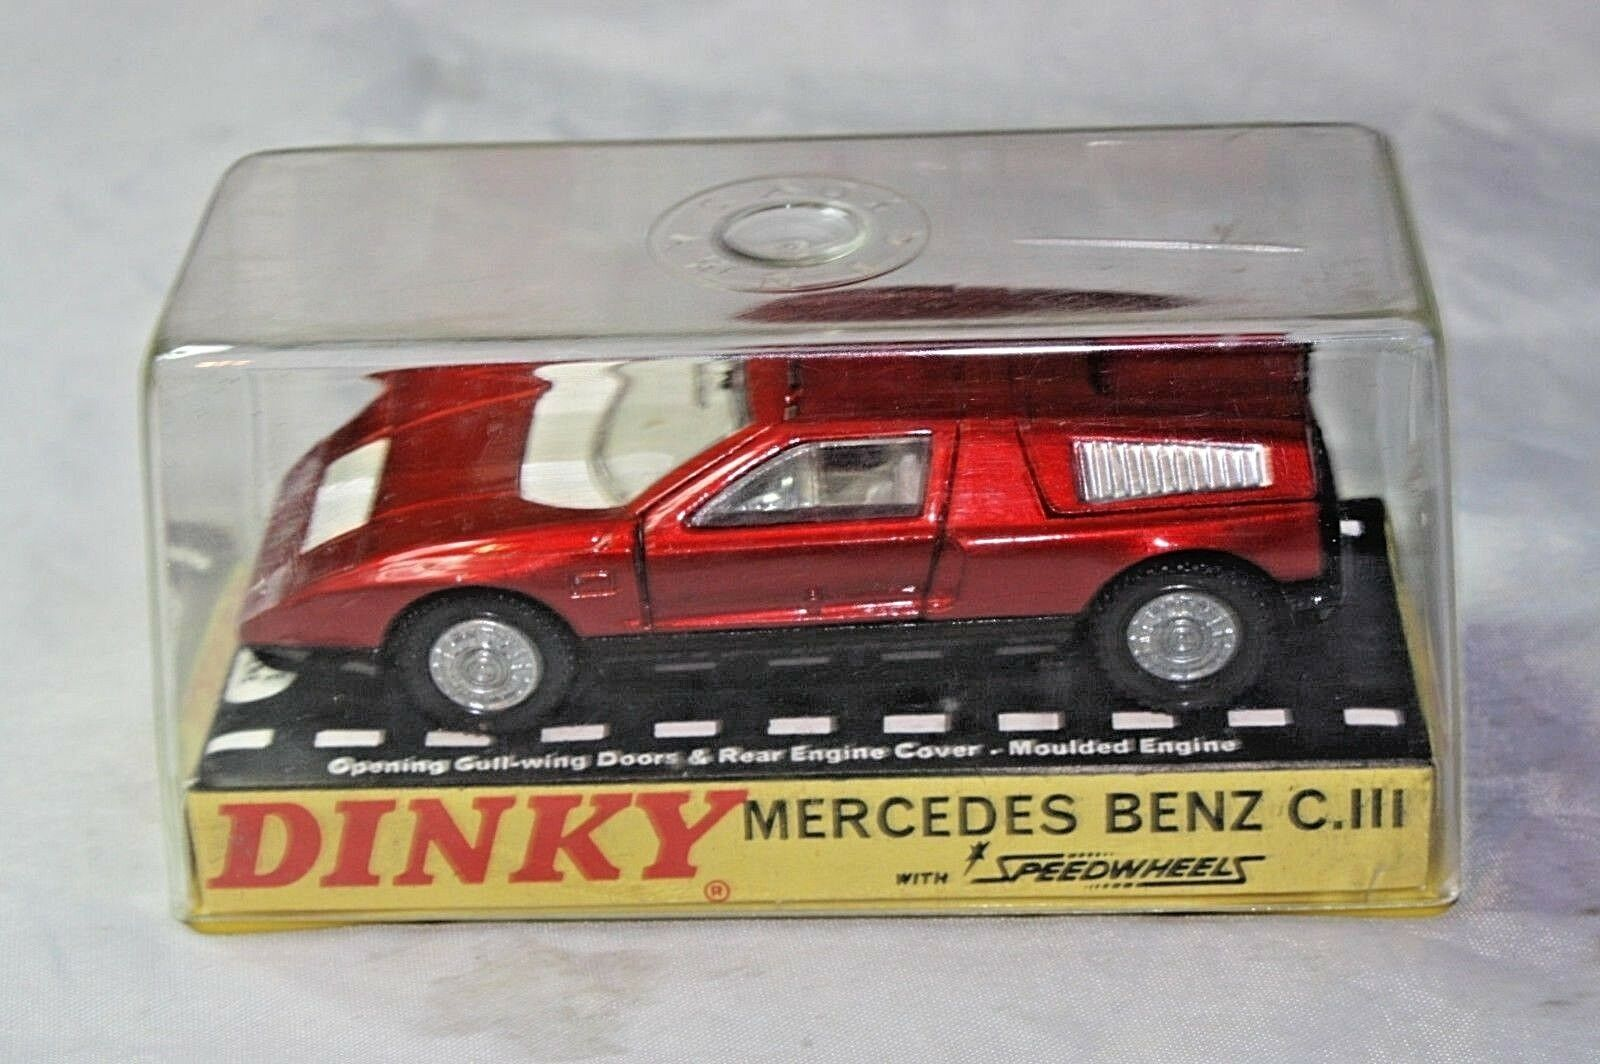 DINKY 224 MERCEDES BENZ C111, buone condizioni nella scatola originale